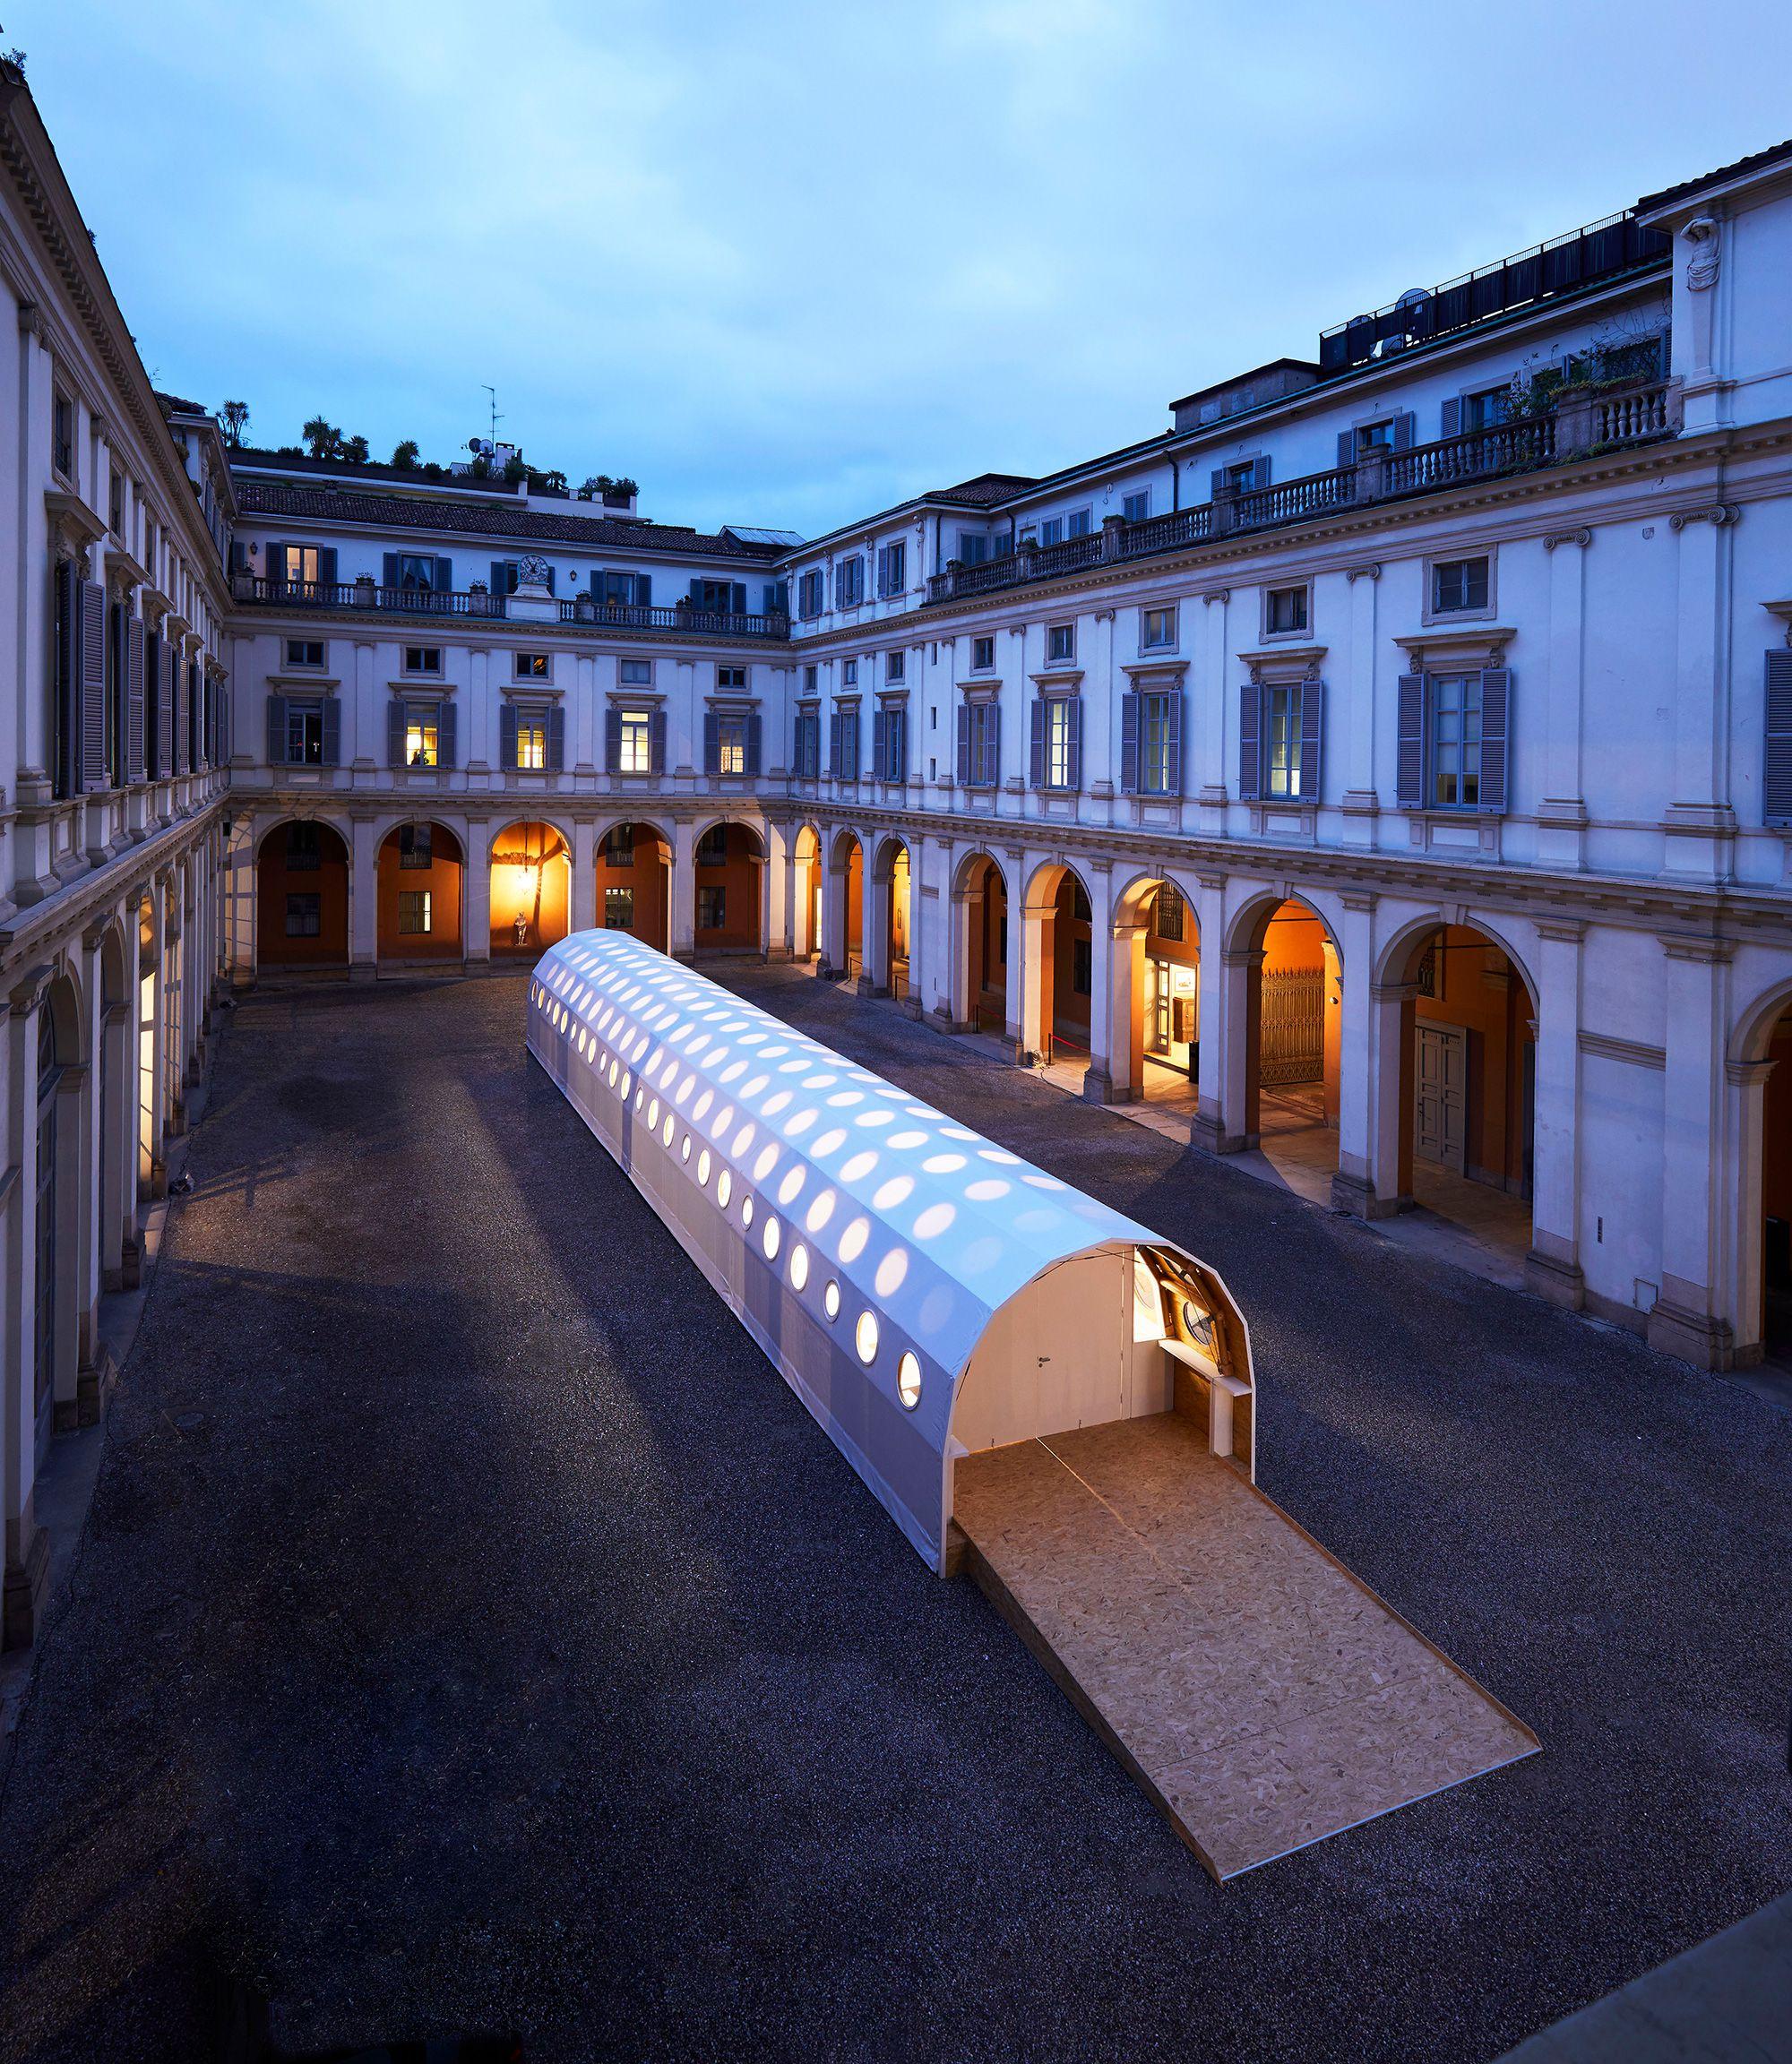 Louis Vuitton パラッツォ・セルベローニの中庭では坂 茂 の「Paper Temporary Structure 」(紙の仮設構造物)が展示された。©︎ Stephane Muratet